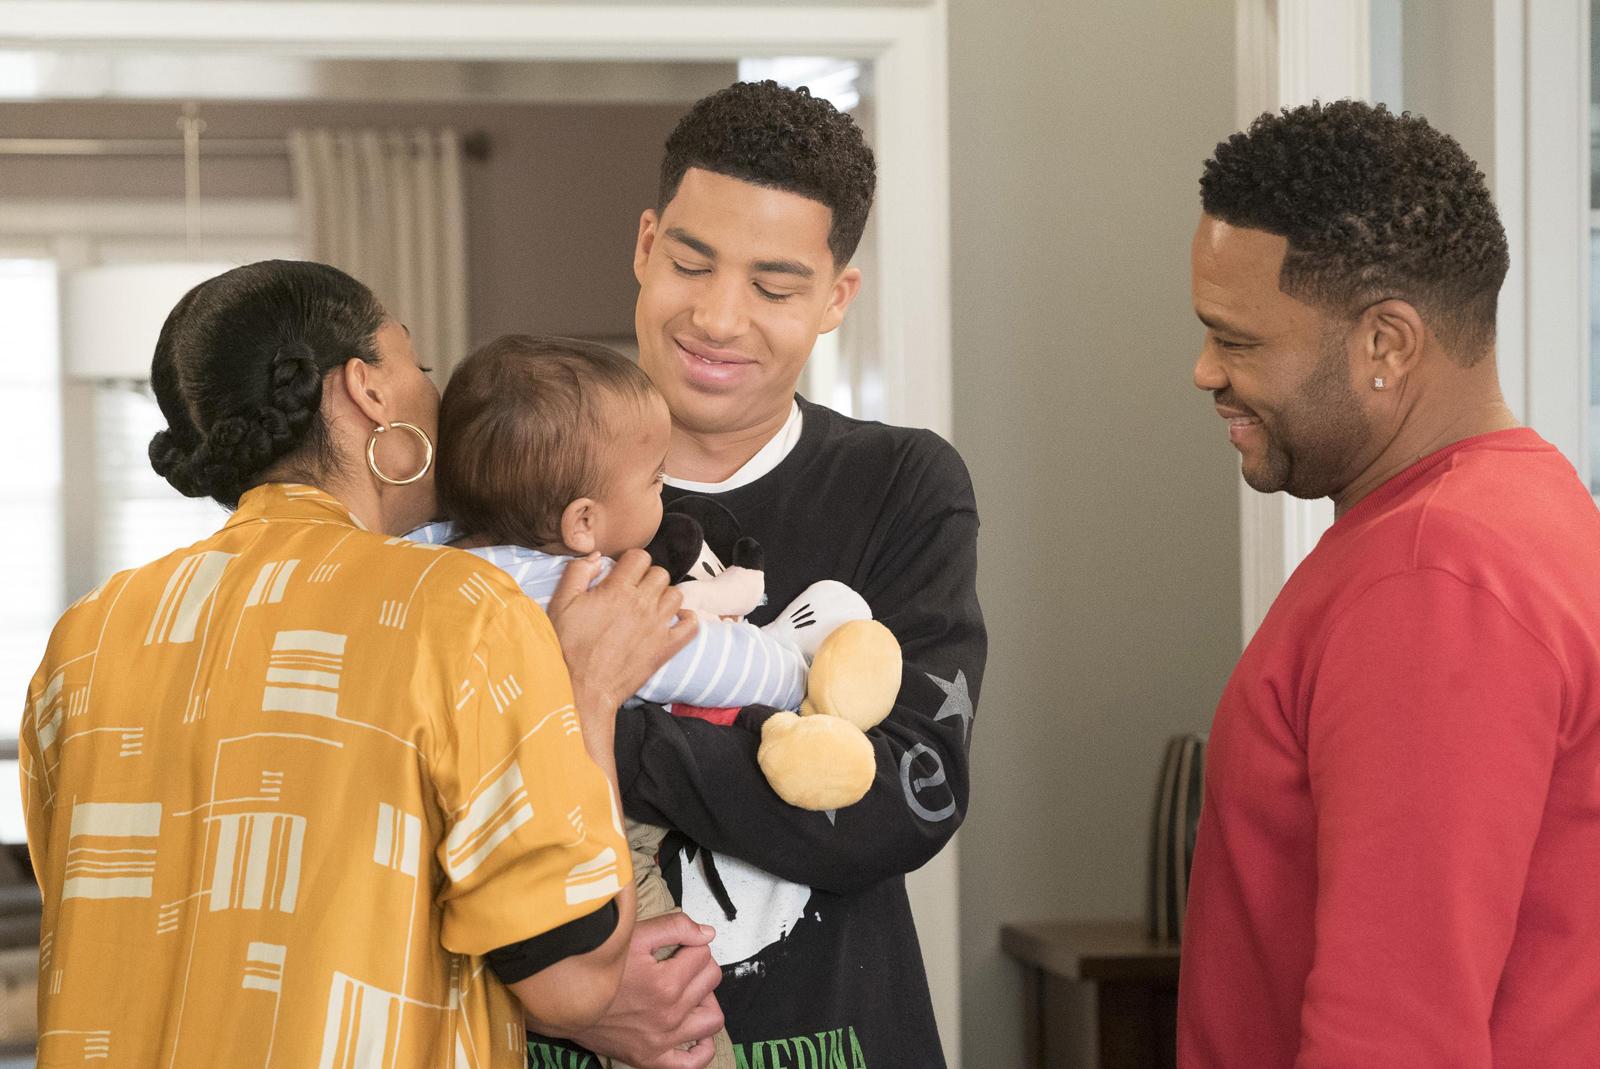 Cena de black-ish. Nela está um garoto negro vestindo blusa preta segurando um bebe no colo, olhando e sorrindo para este. Ao seu lado esquerdo, uma mulher negra com o cabelo preso em tranças e uma blusa amarela beija a cabeça do bebê. Na direita um homem negro de blusa vermelha olha para os três com um sorriso no rosto.